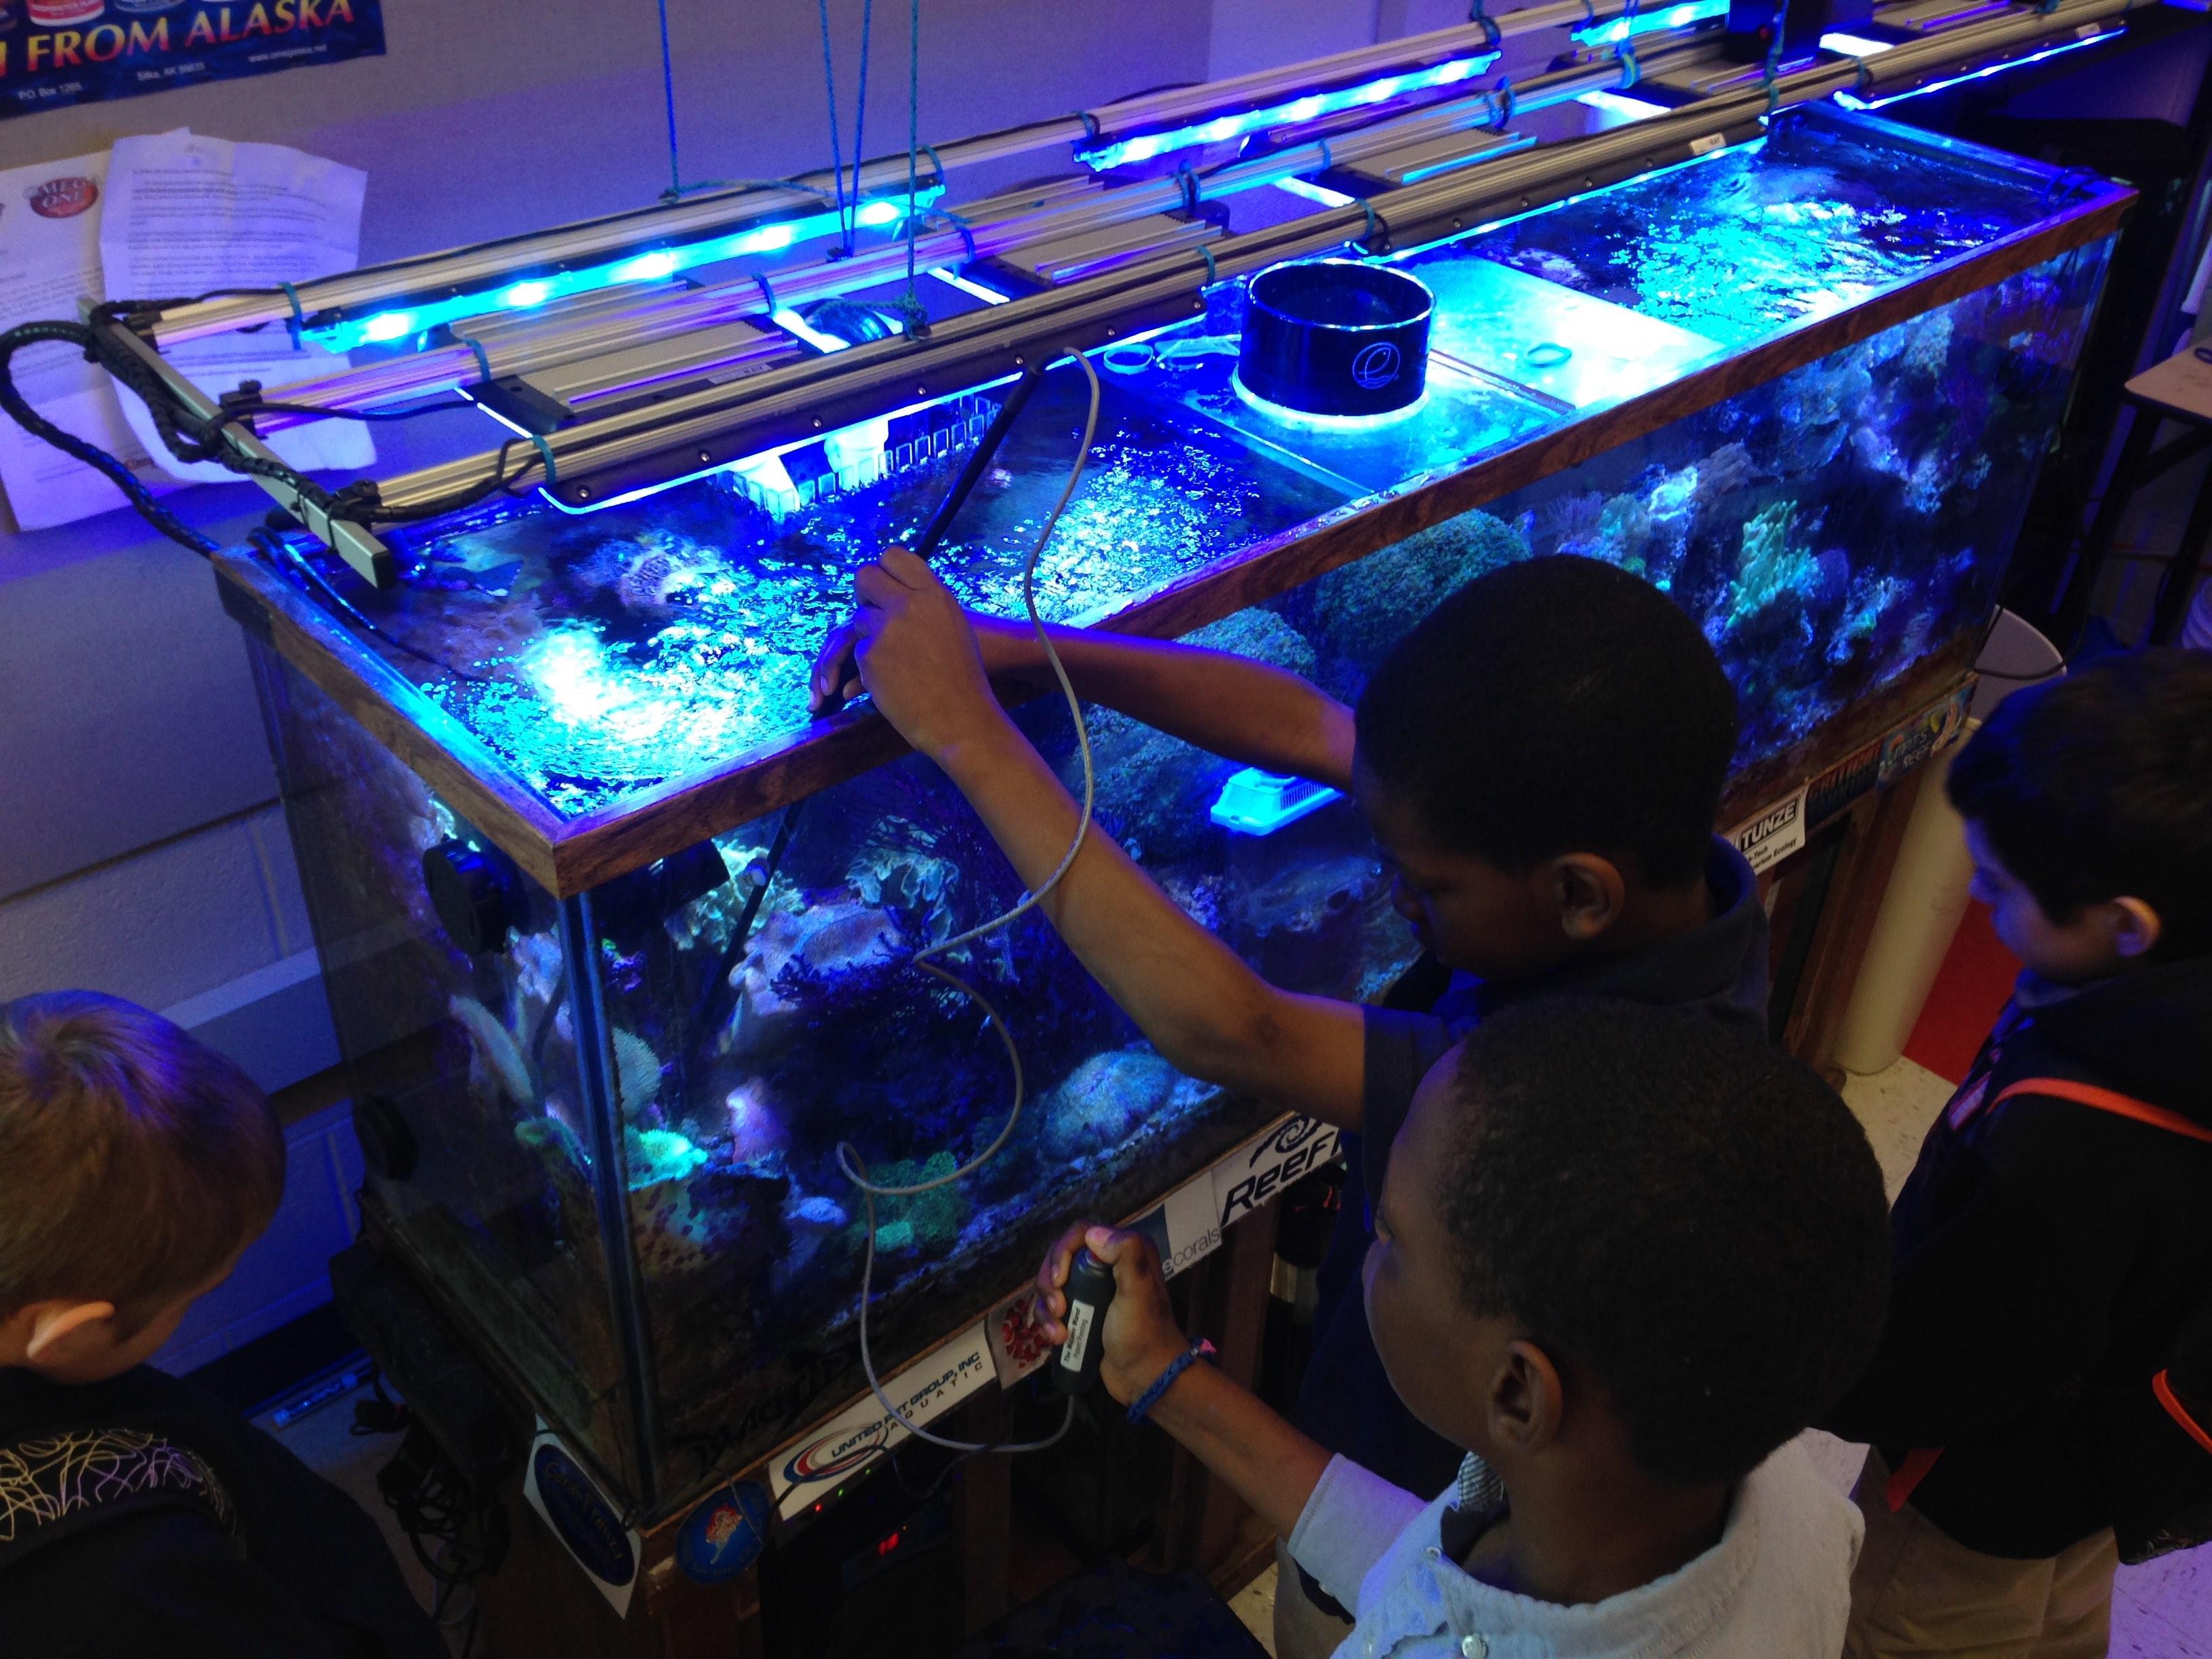 Classroom Aquarium Ideas ~ Classroom aquarium keeping empowers young students